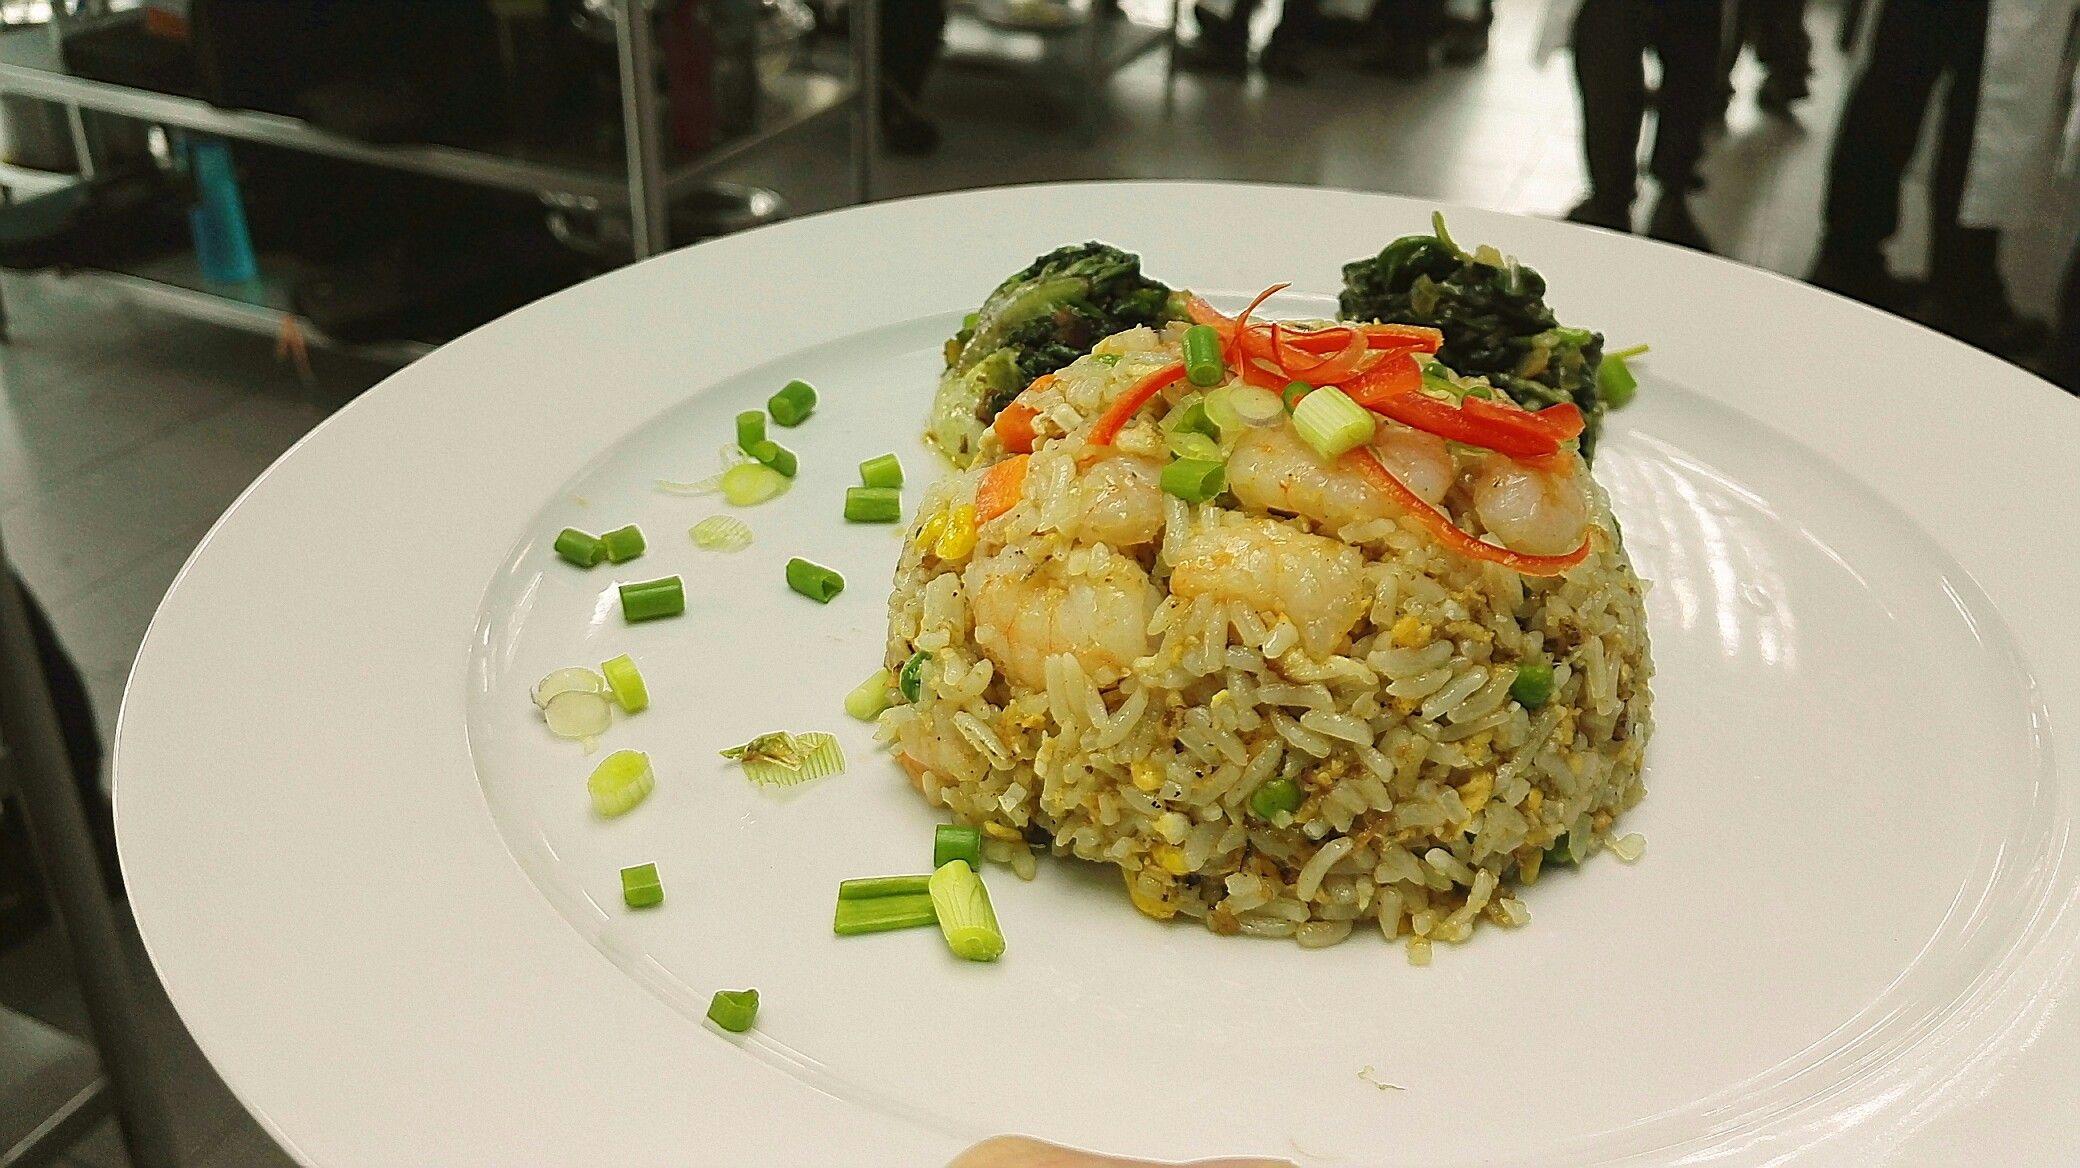 Yong chao yang zhou yong zhou fried rice whatever authentic yong chao yang zhou yong zhou fried rice whatever authentic chinese language you ccuart Image collections